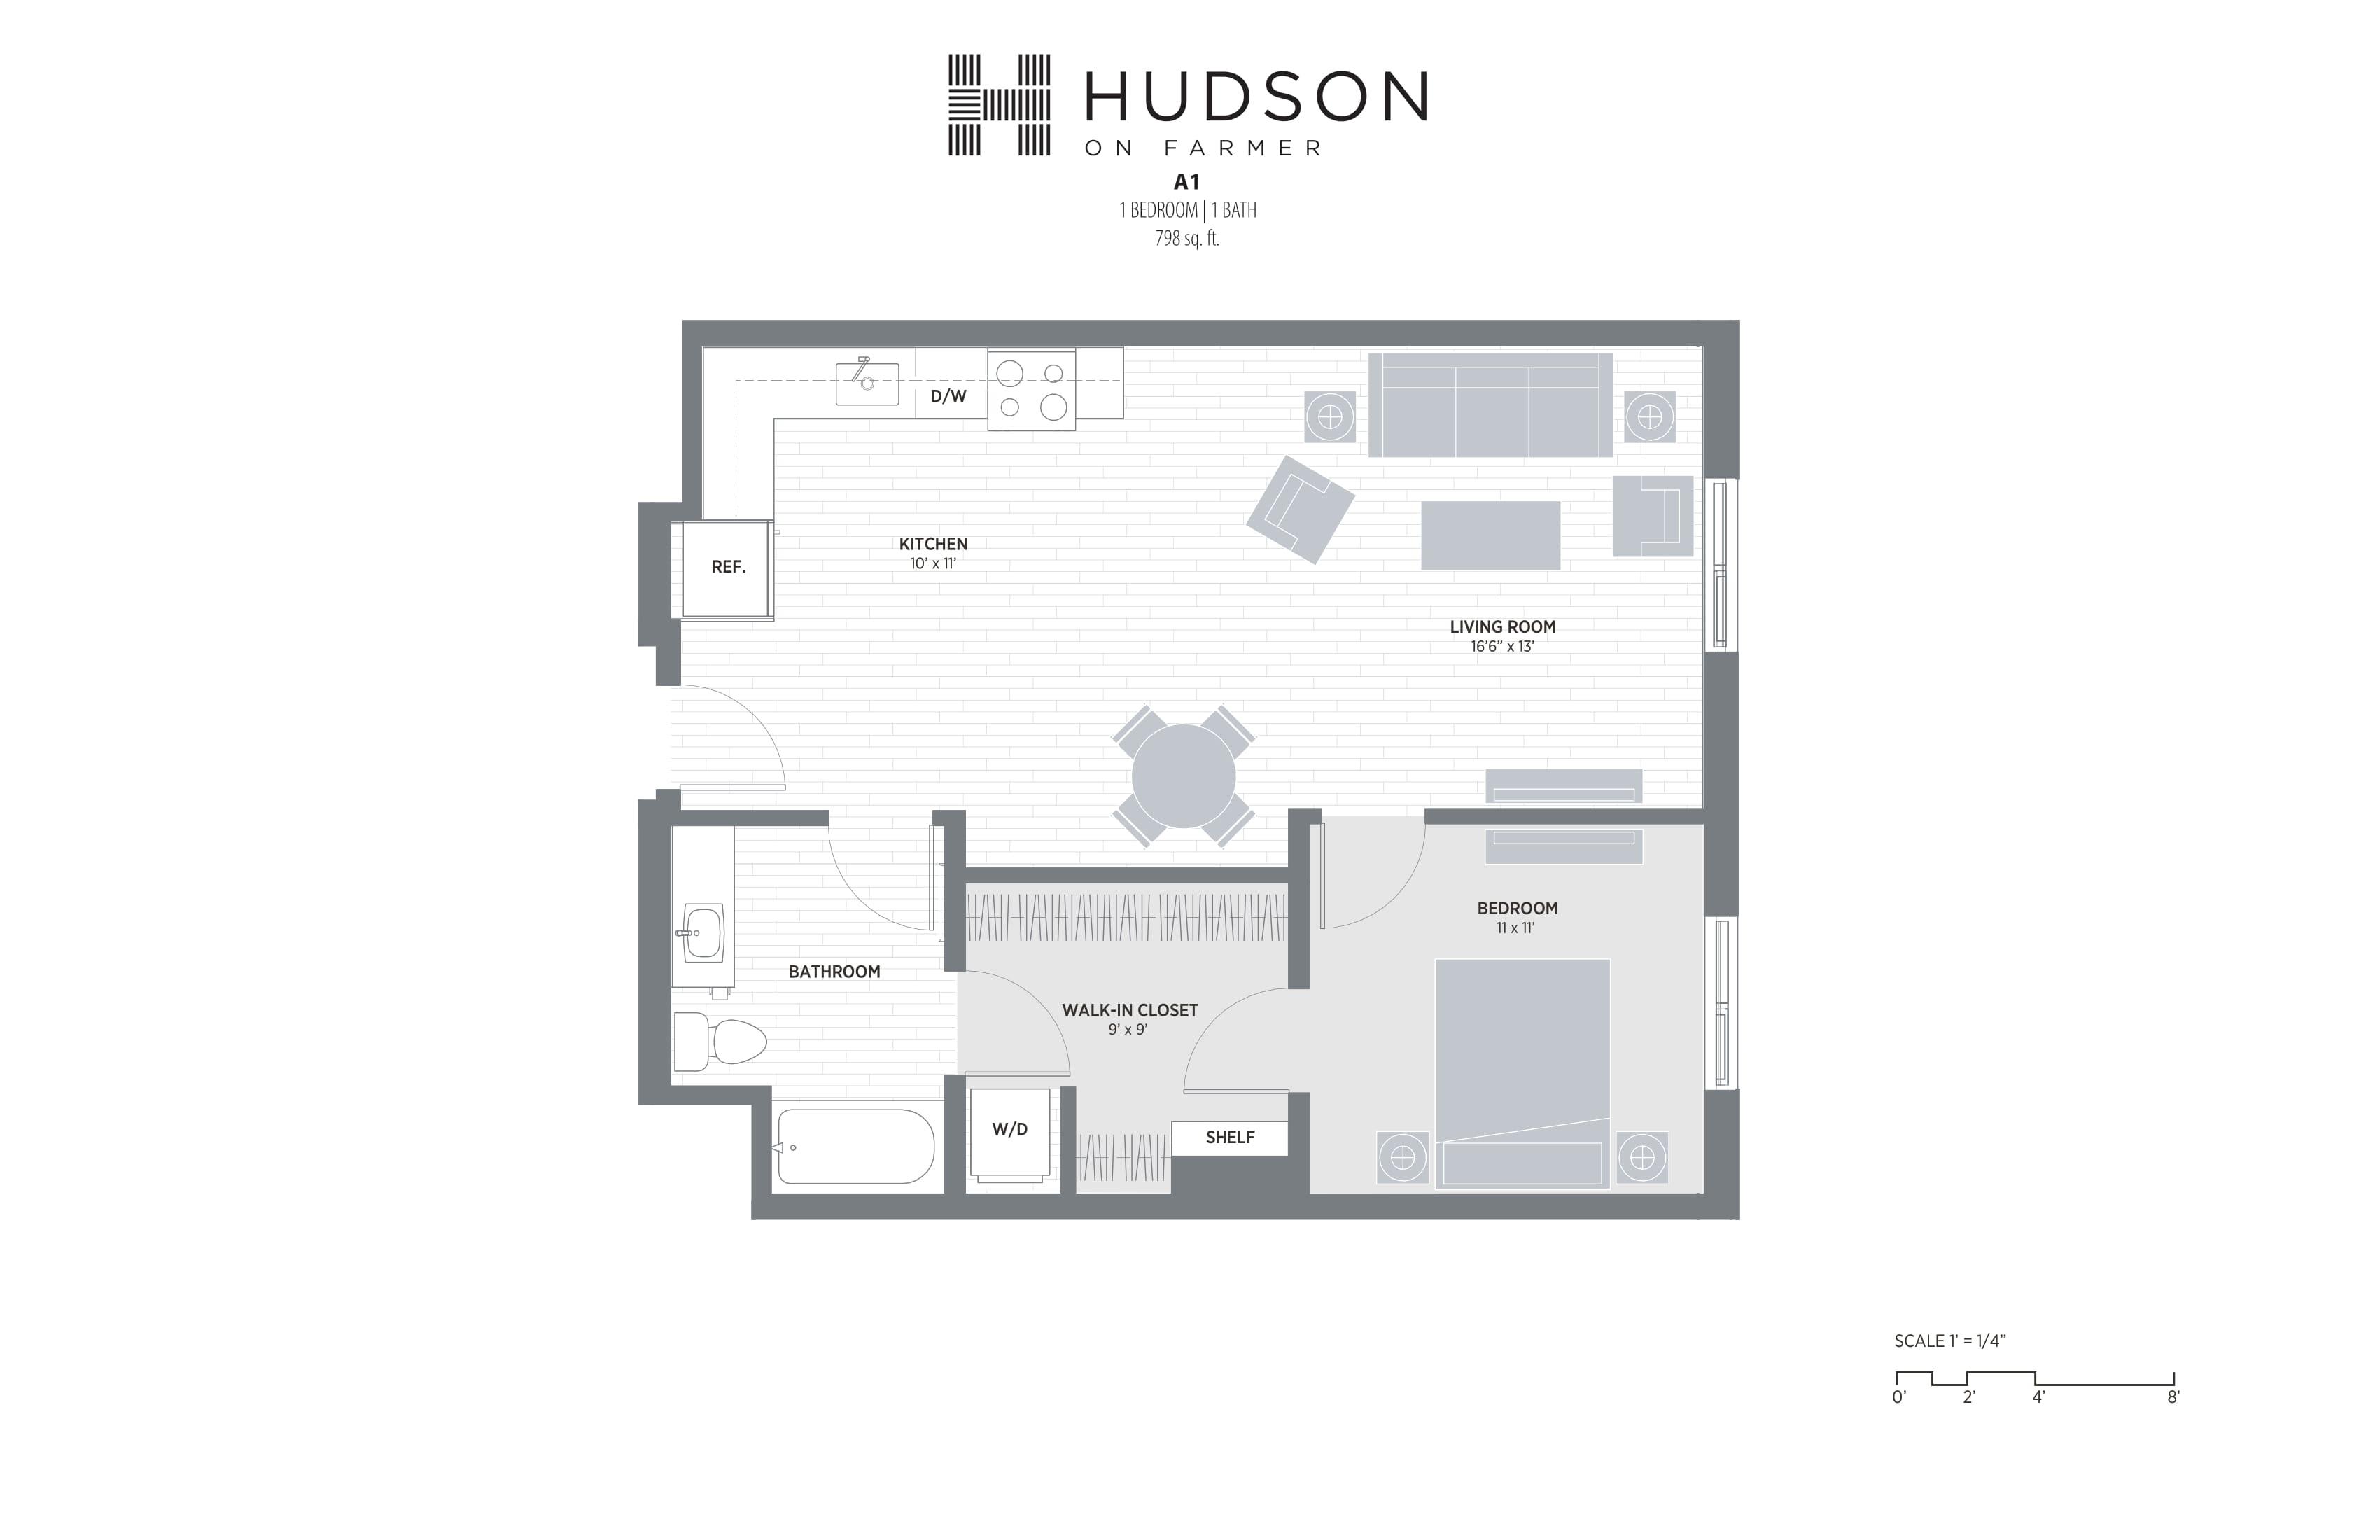 A1.1c floor plan